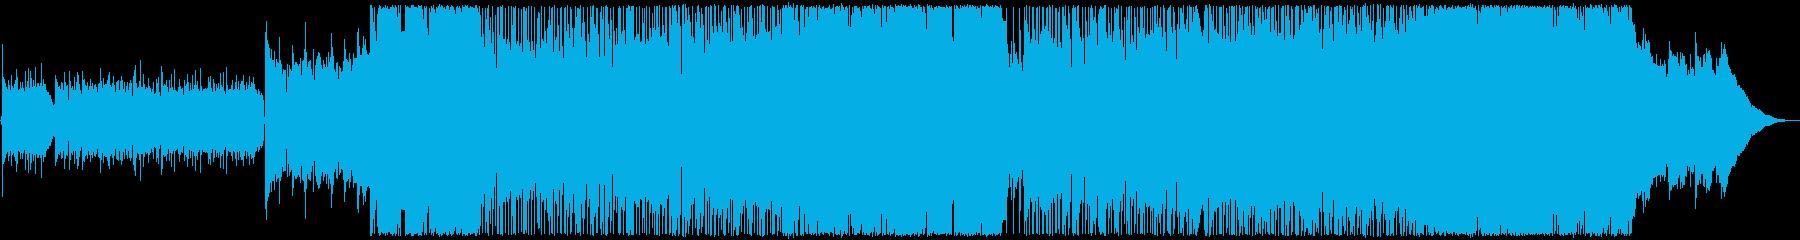 ポップ/ロックインストゥルメンタル...の再生済みの波形